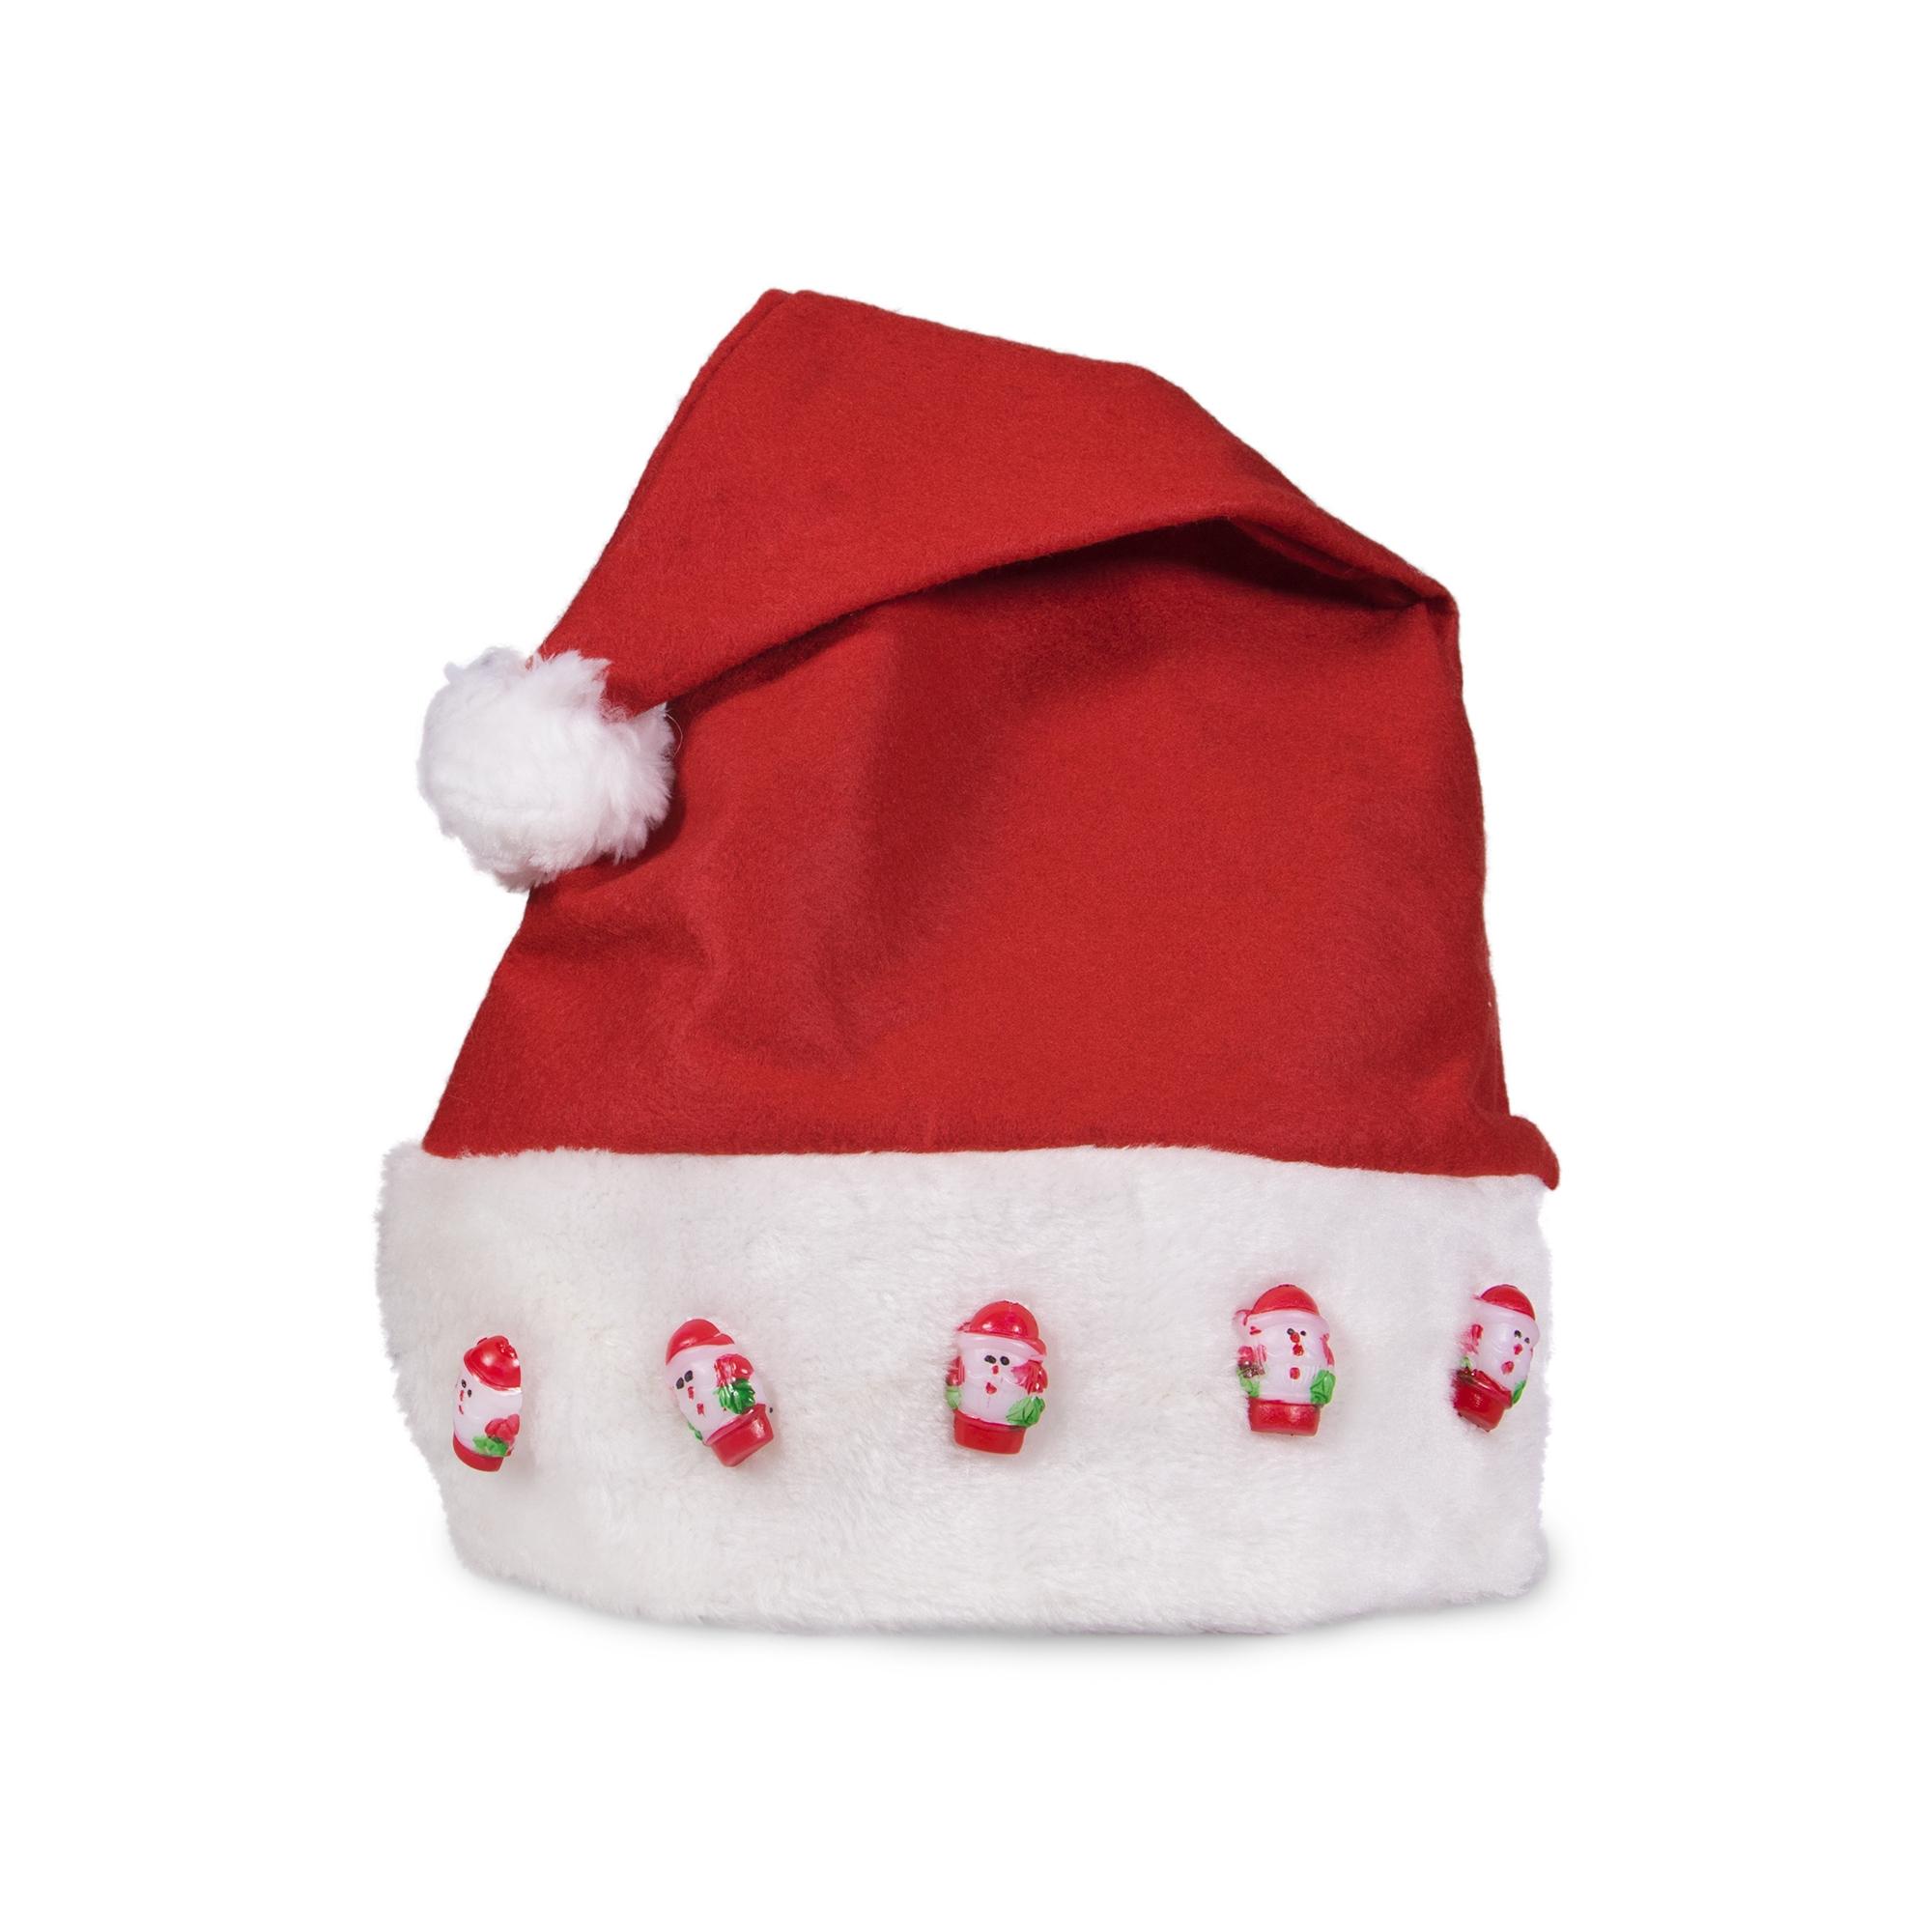 LED Santa Claus Hat